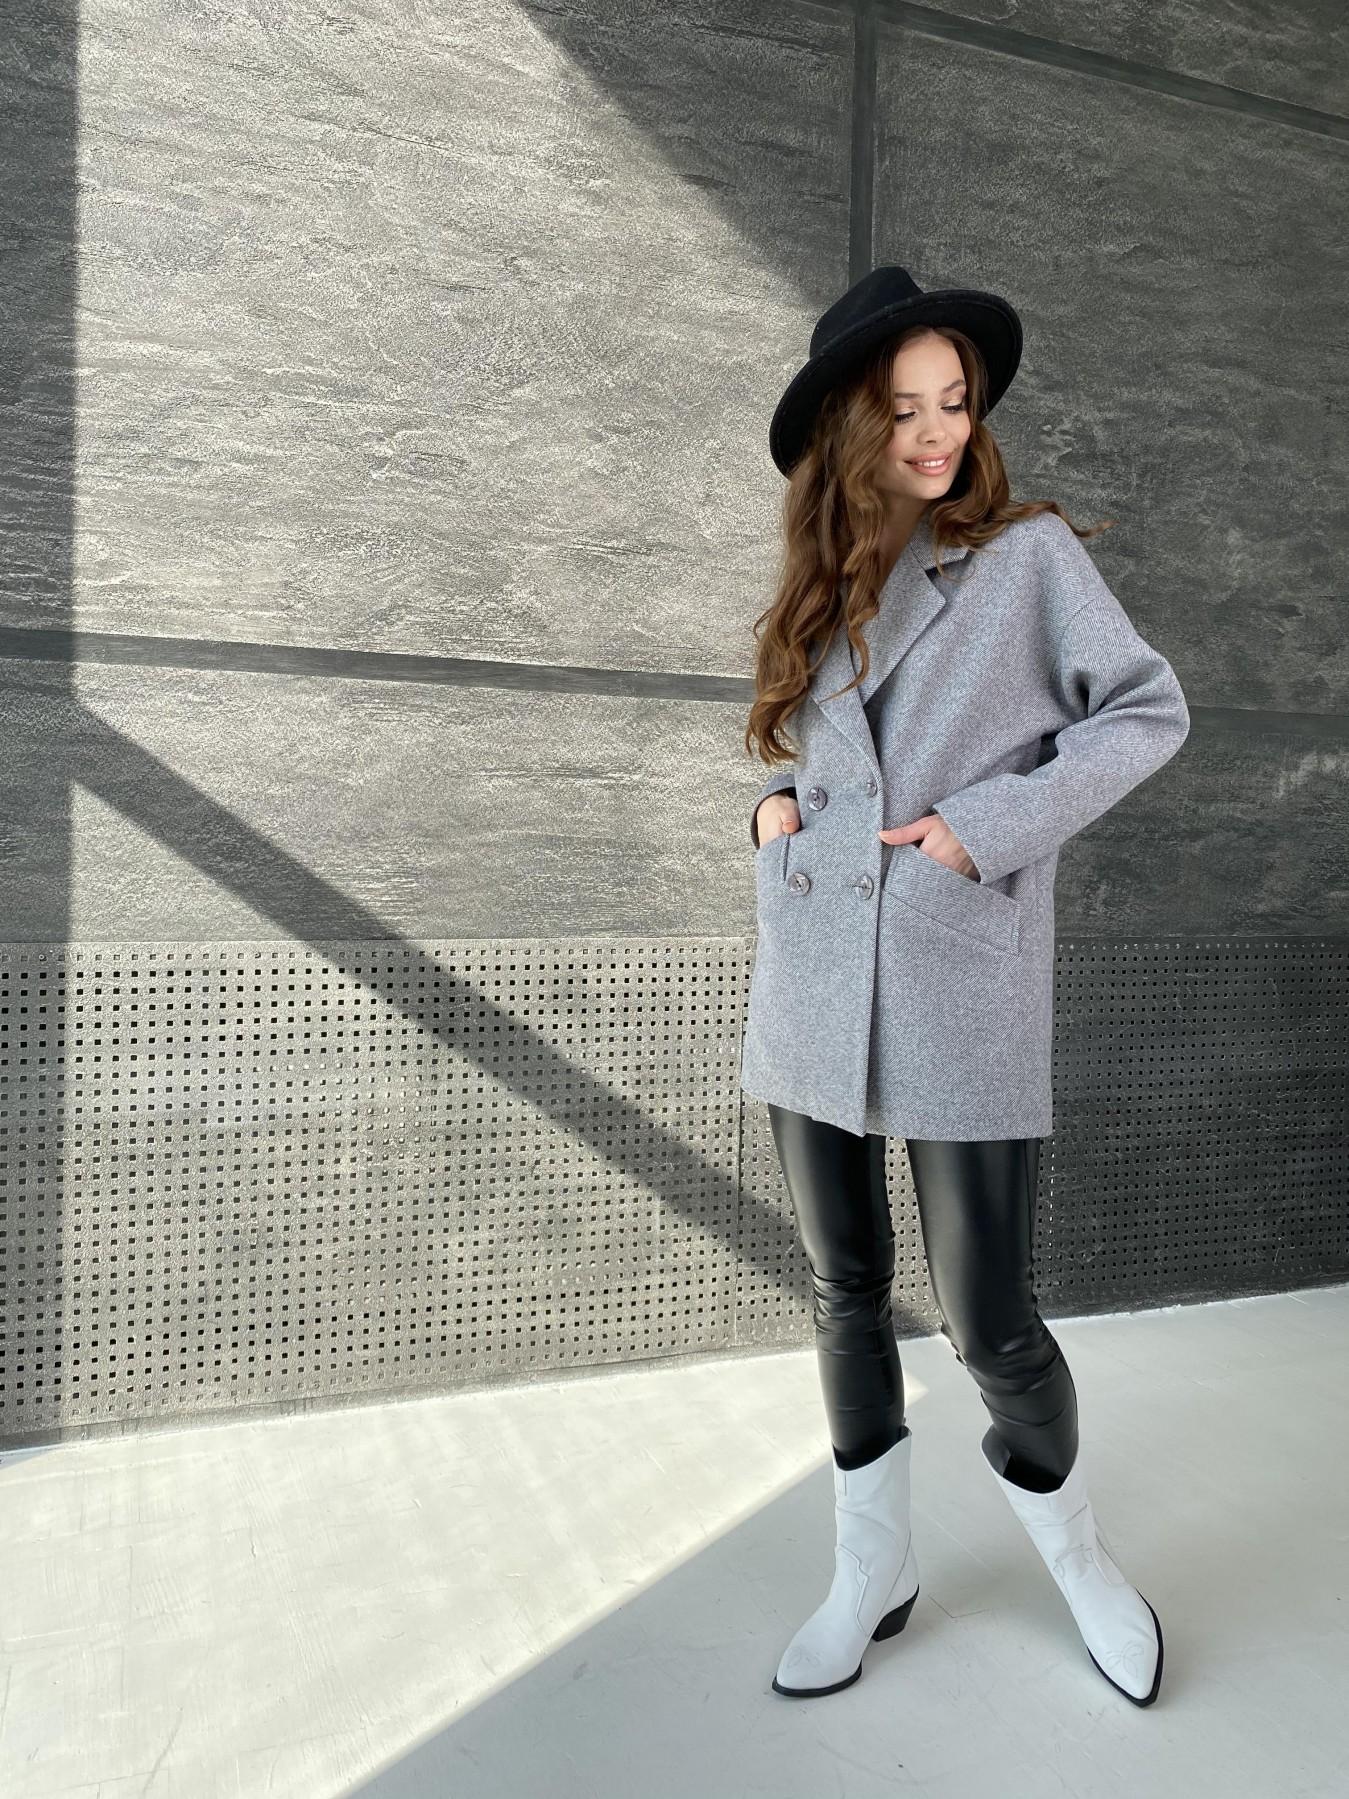 Бонд Диагональ пальто из пальтовой ткани  10757 АРТ. 47191 Цвет: Серый меланж 4 - фото 3, интернет магазин tm-modus.ru